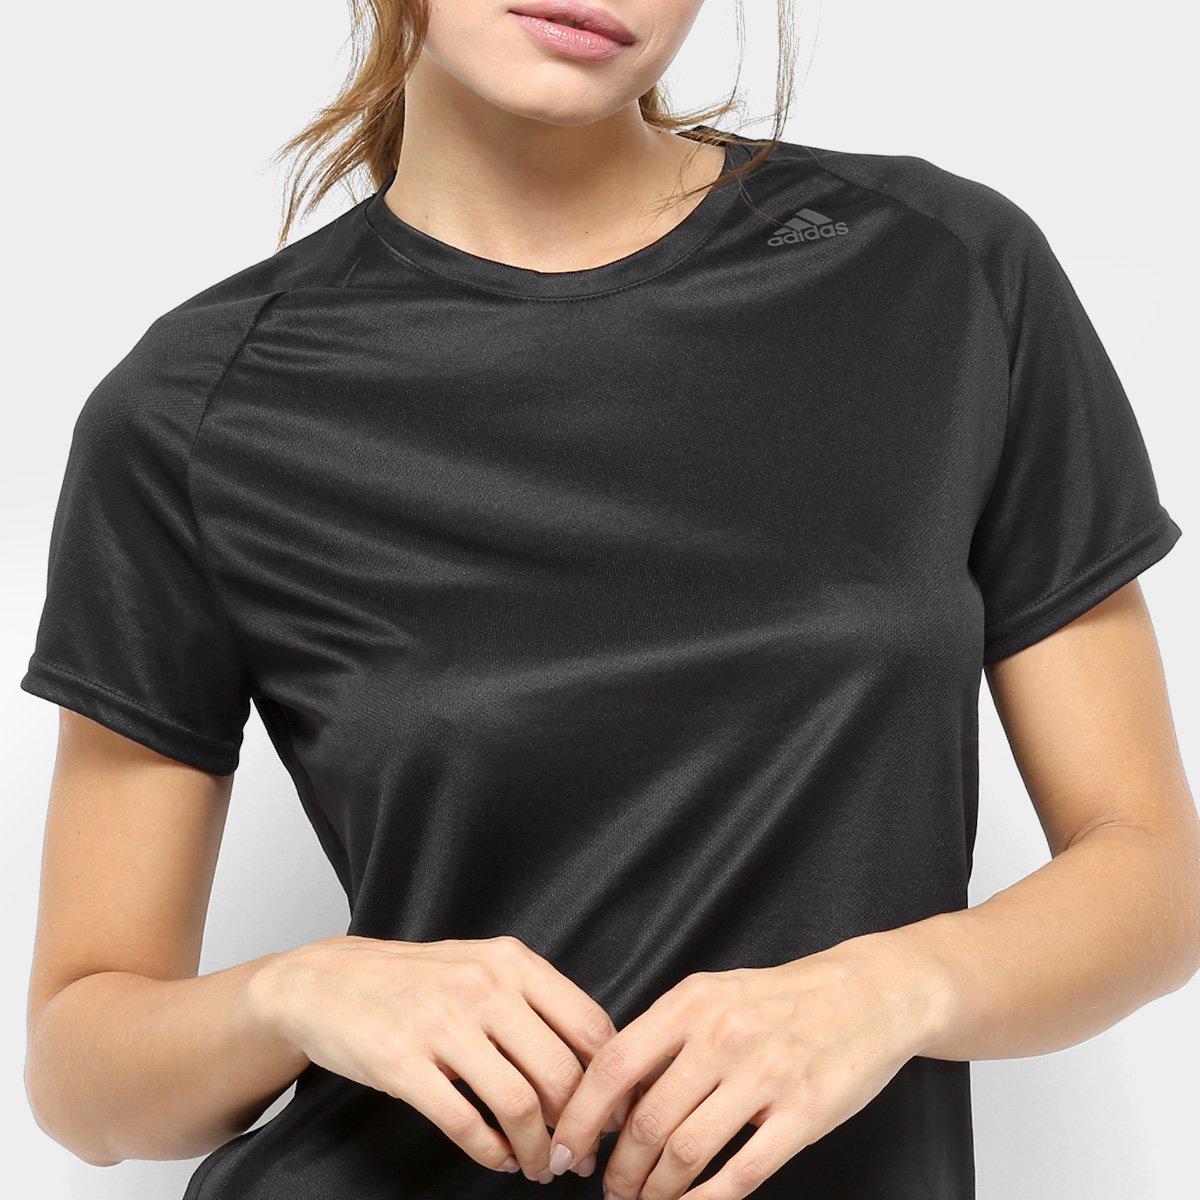 Preto Feminina Camiseta Lose Adidas D2M Camiseta Adidas YxpBOwzq